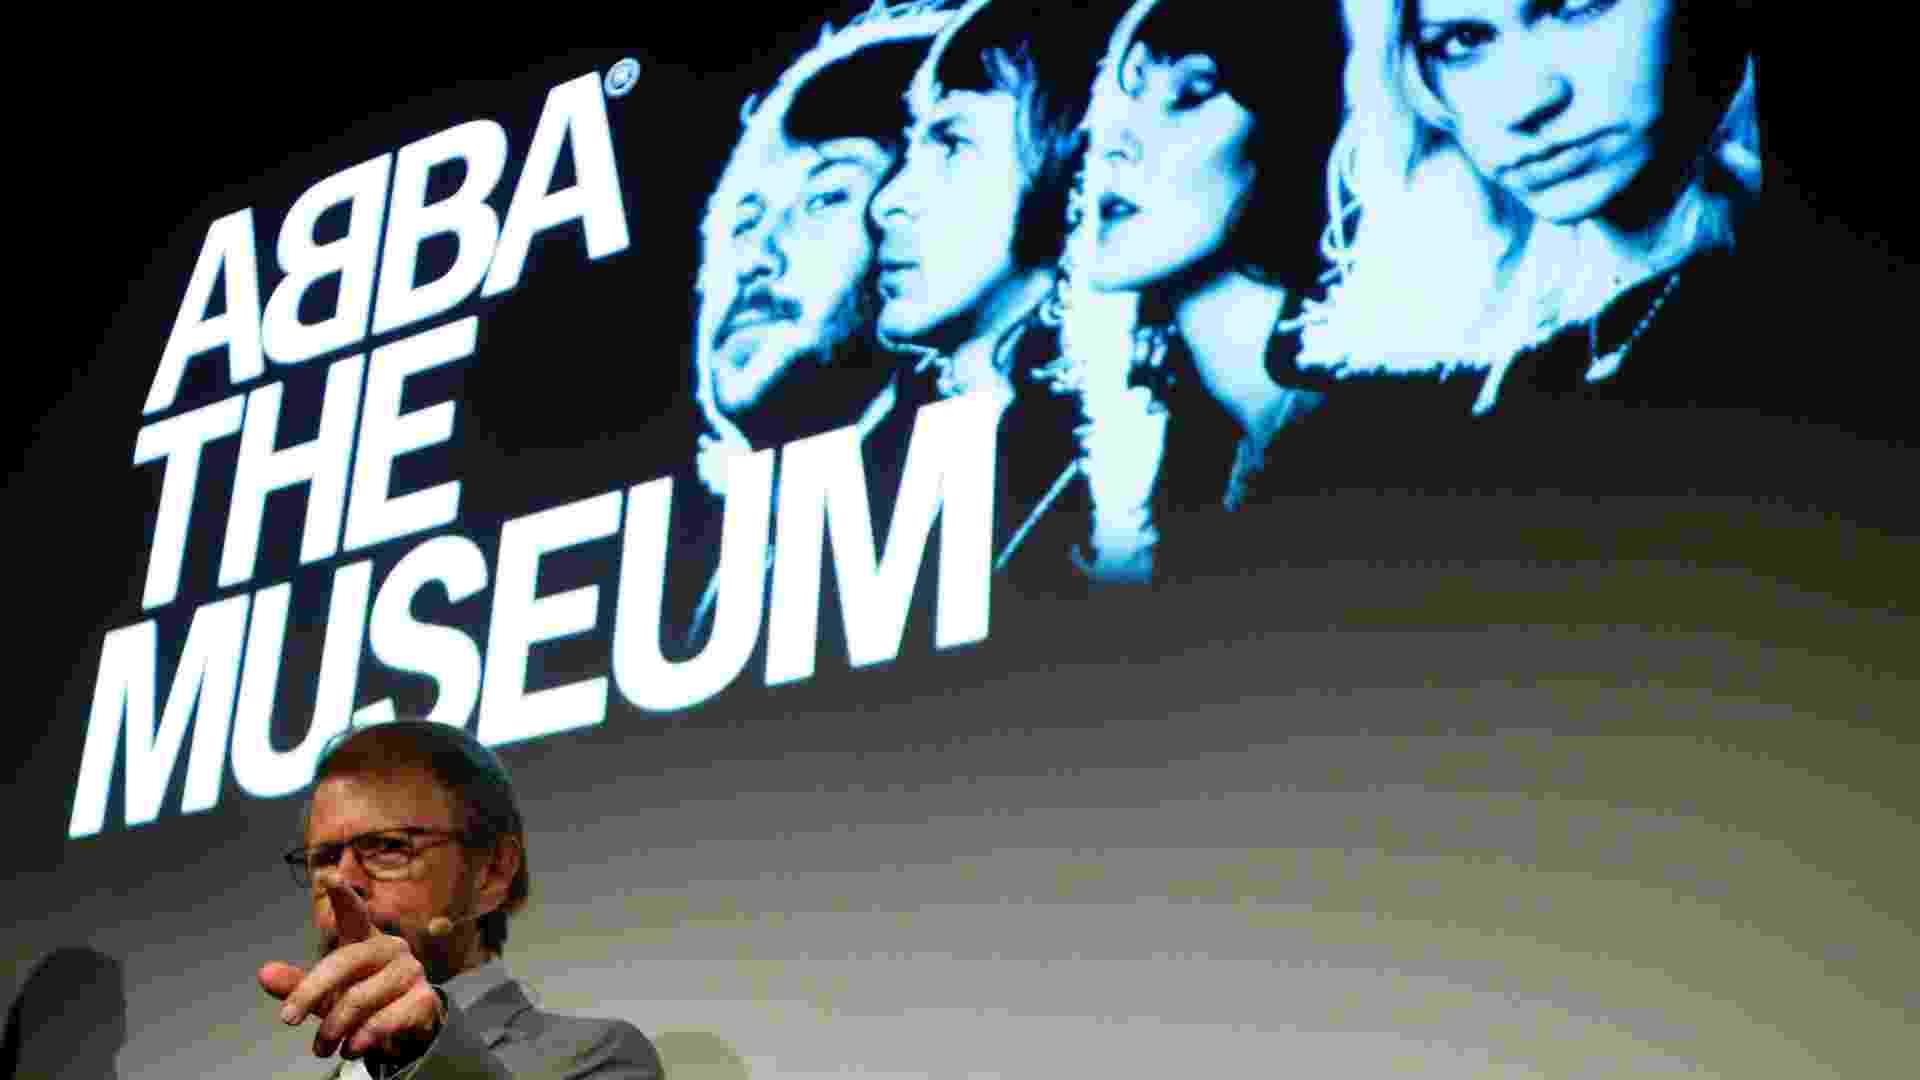 """6.mar.2013 - Ex-integrante do ABBA, Bjorn Ulvaeus participa da inauguração de """"ABBA - O Museu"""" em Estocolmo, na Suécia. O local reúne discos, roupas e artigos históricos da banda que foi fenômeno na década de 70 e 80 - REUTERS/Arnd Wiegmann"""